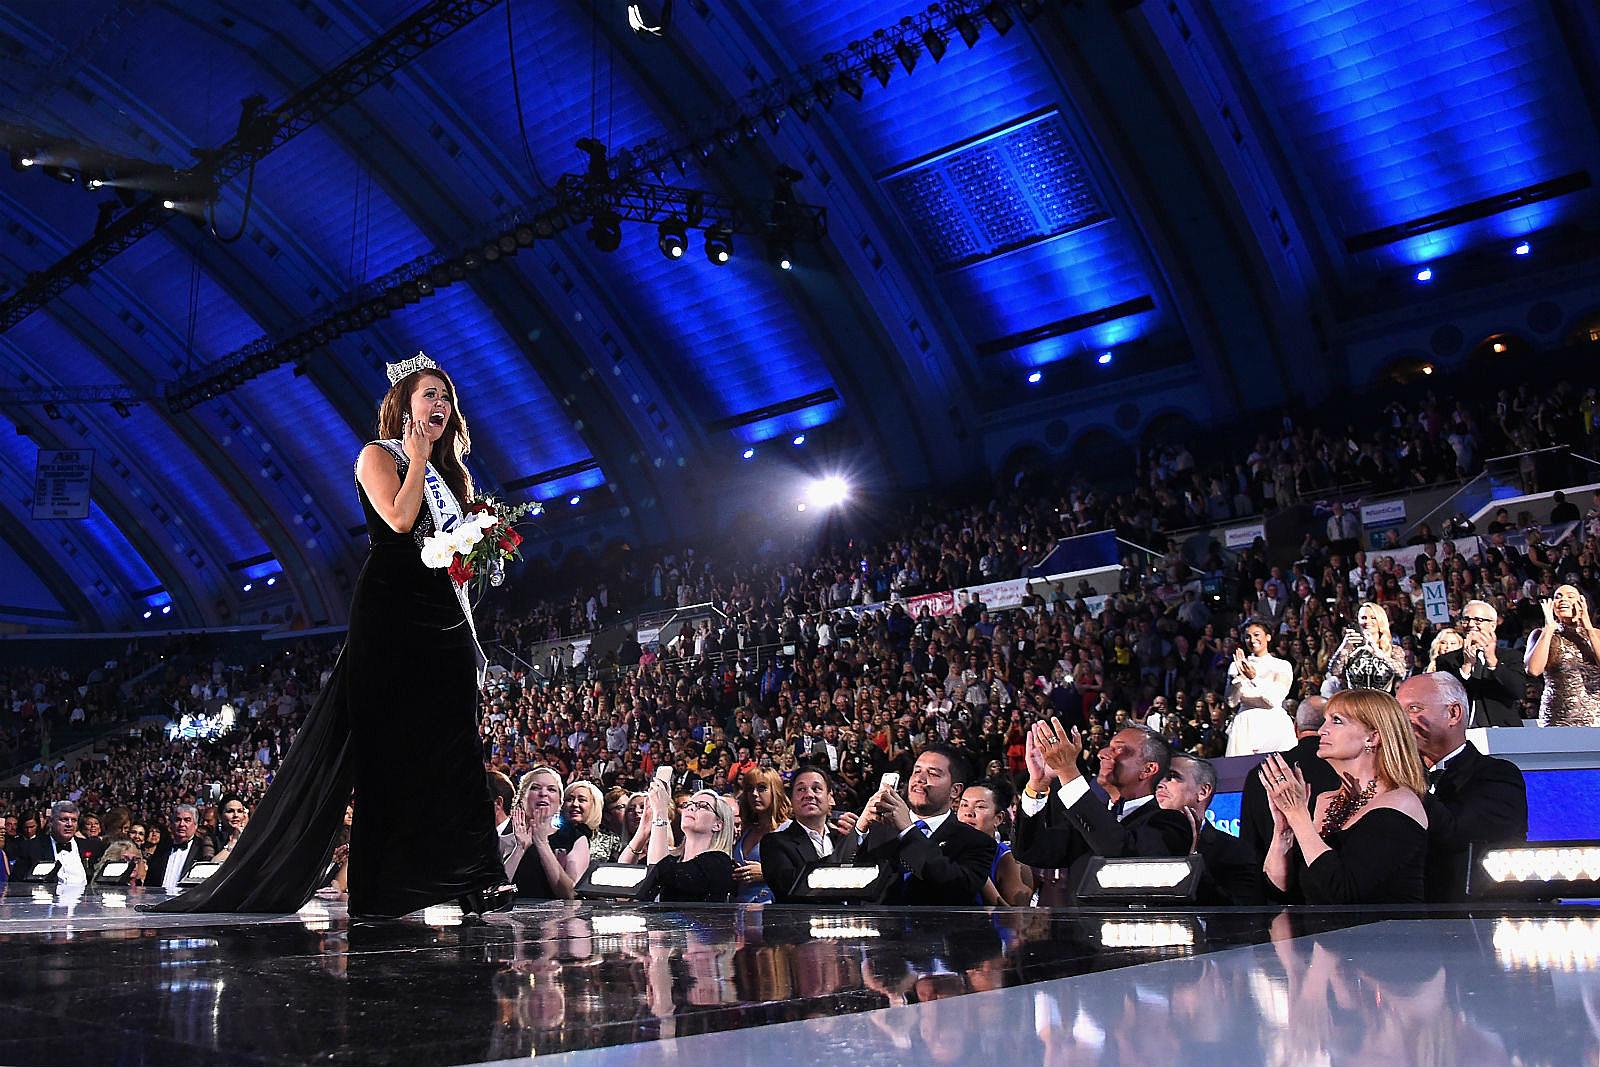 Miss America_Michael Loccisano/Getty